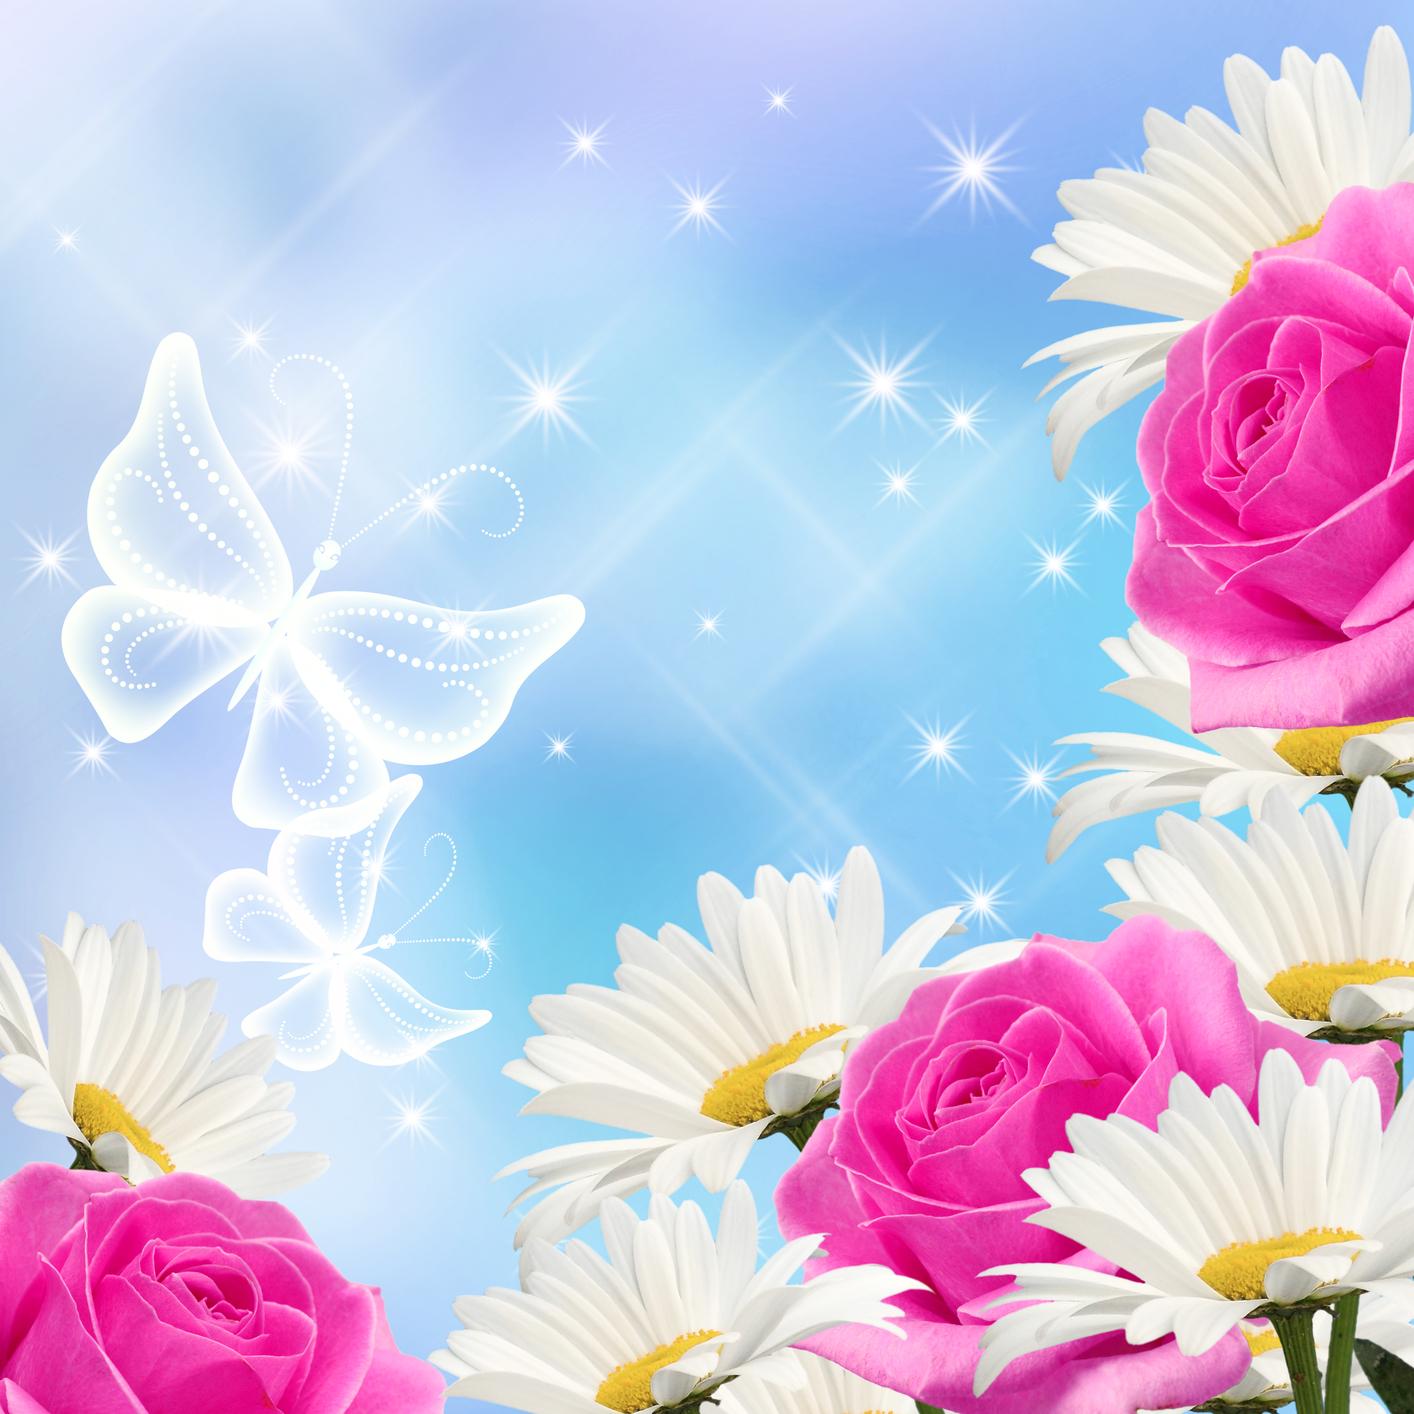 Imagenes De Flores Fantasia - FLORES HERMOSAS Imagenes, fantasía y color Facebook